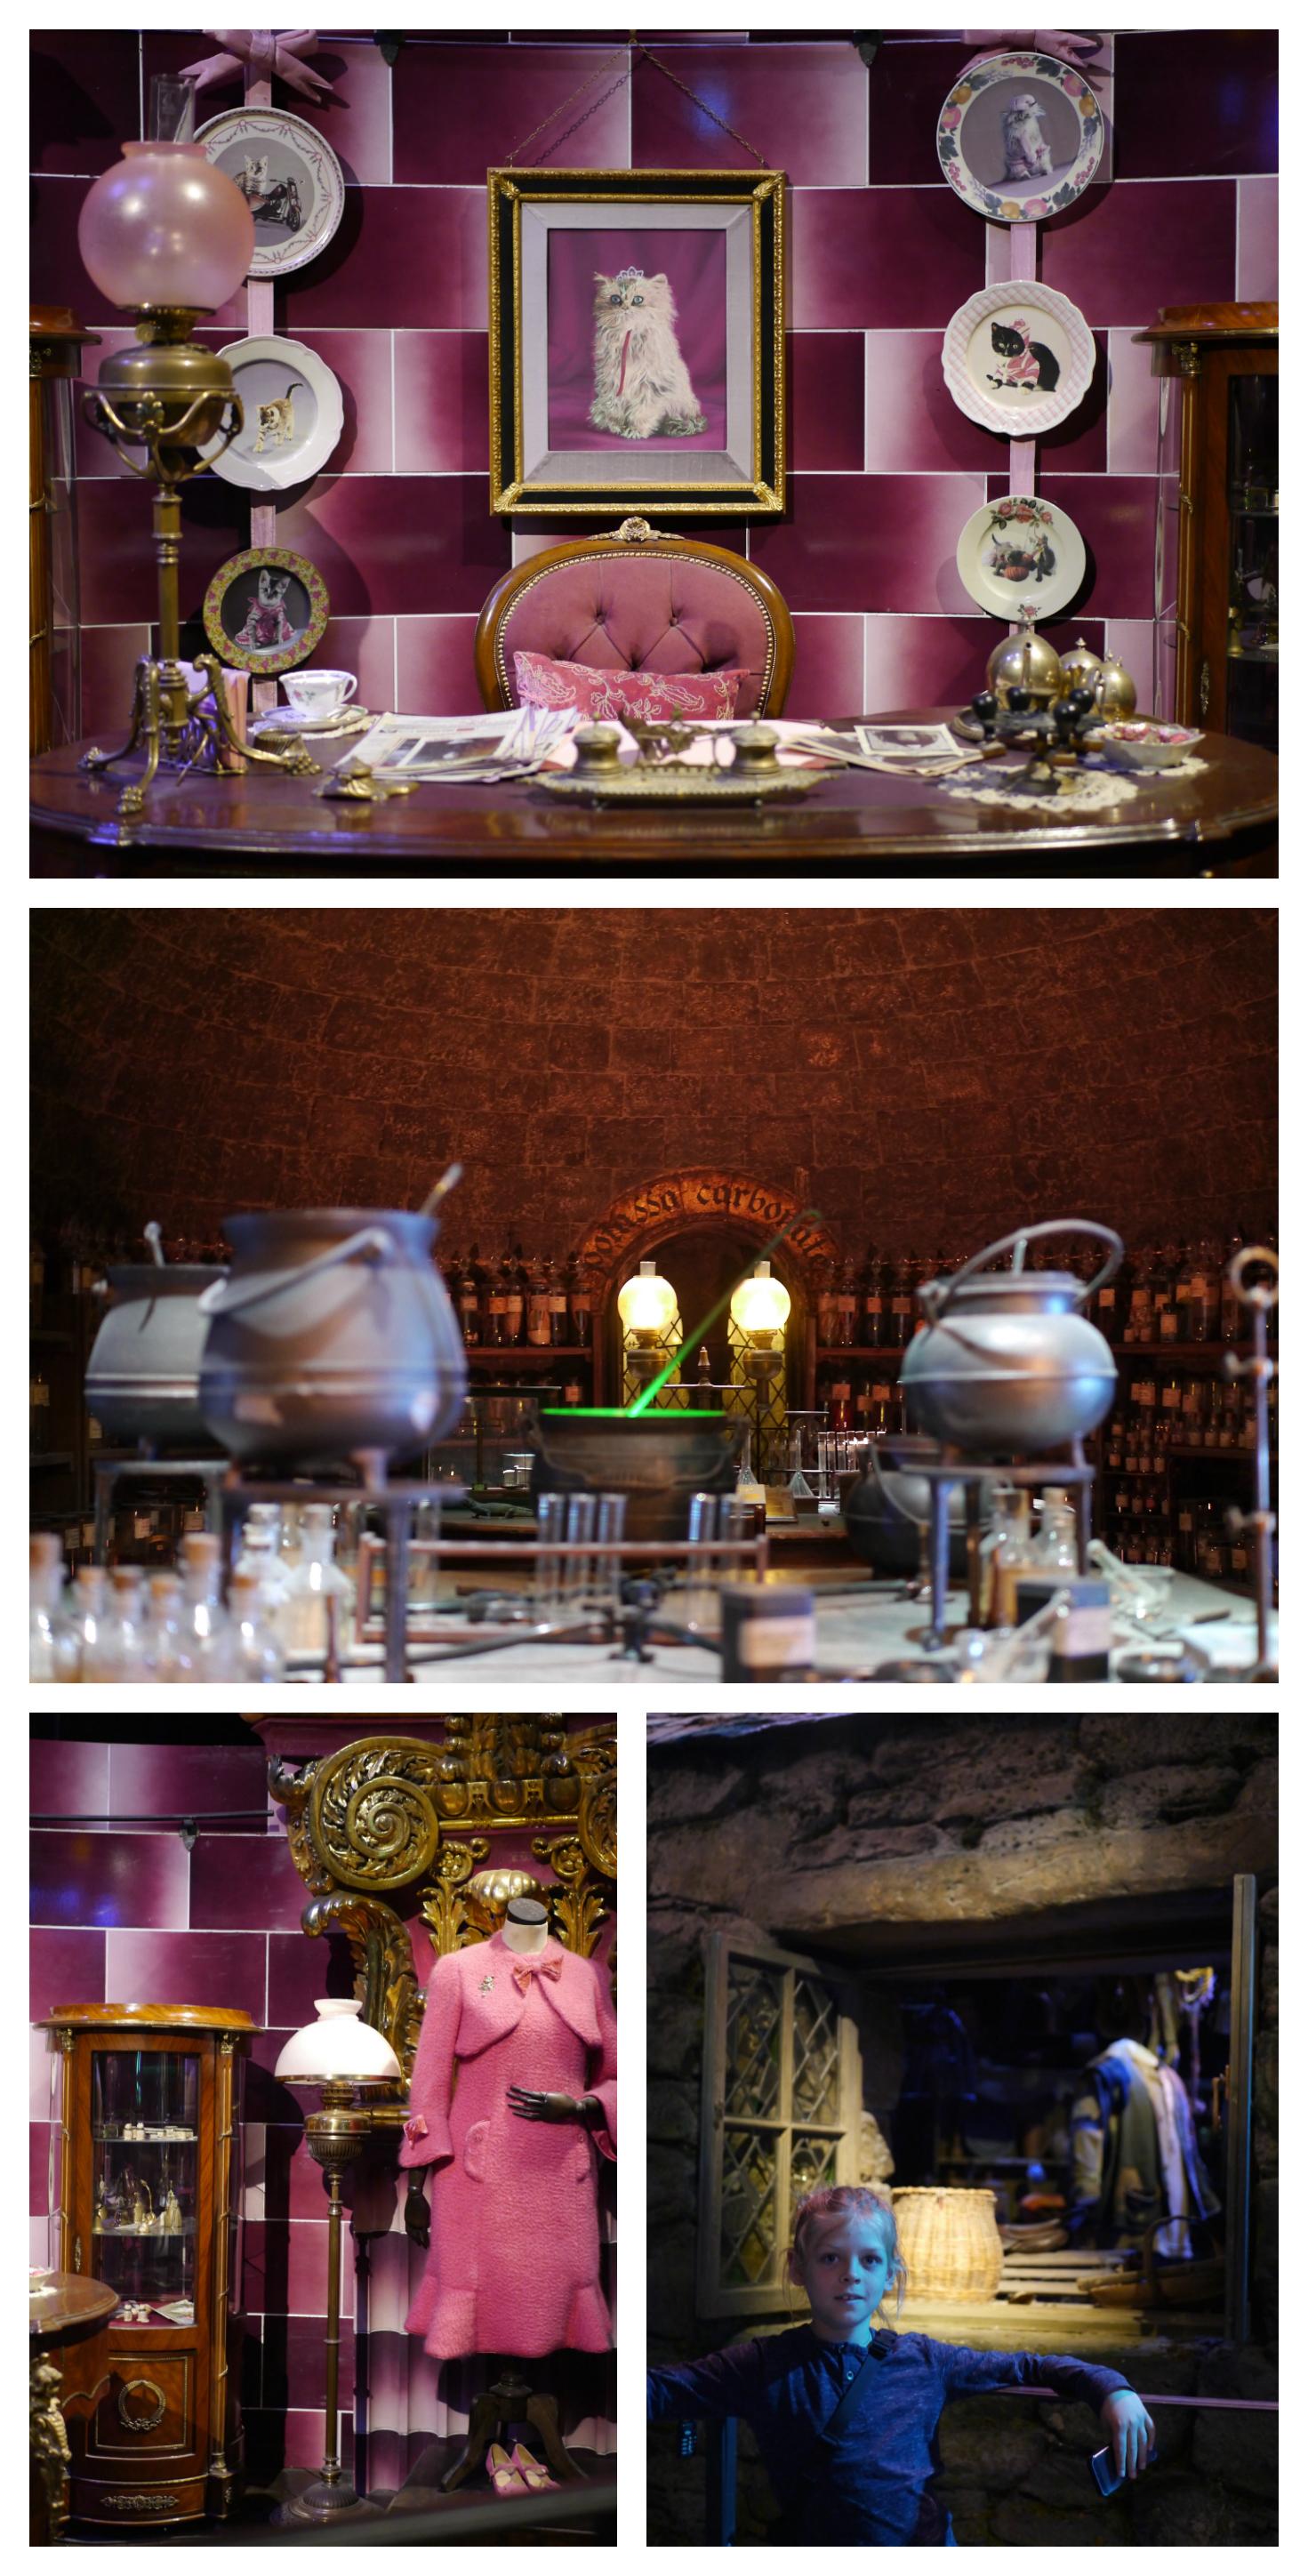 ministeriet for magi harry potter